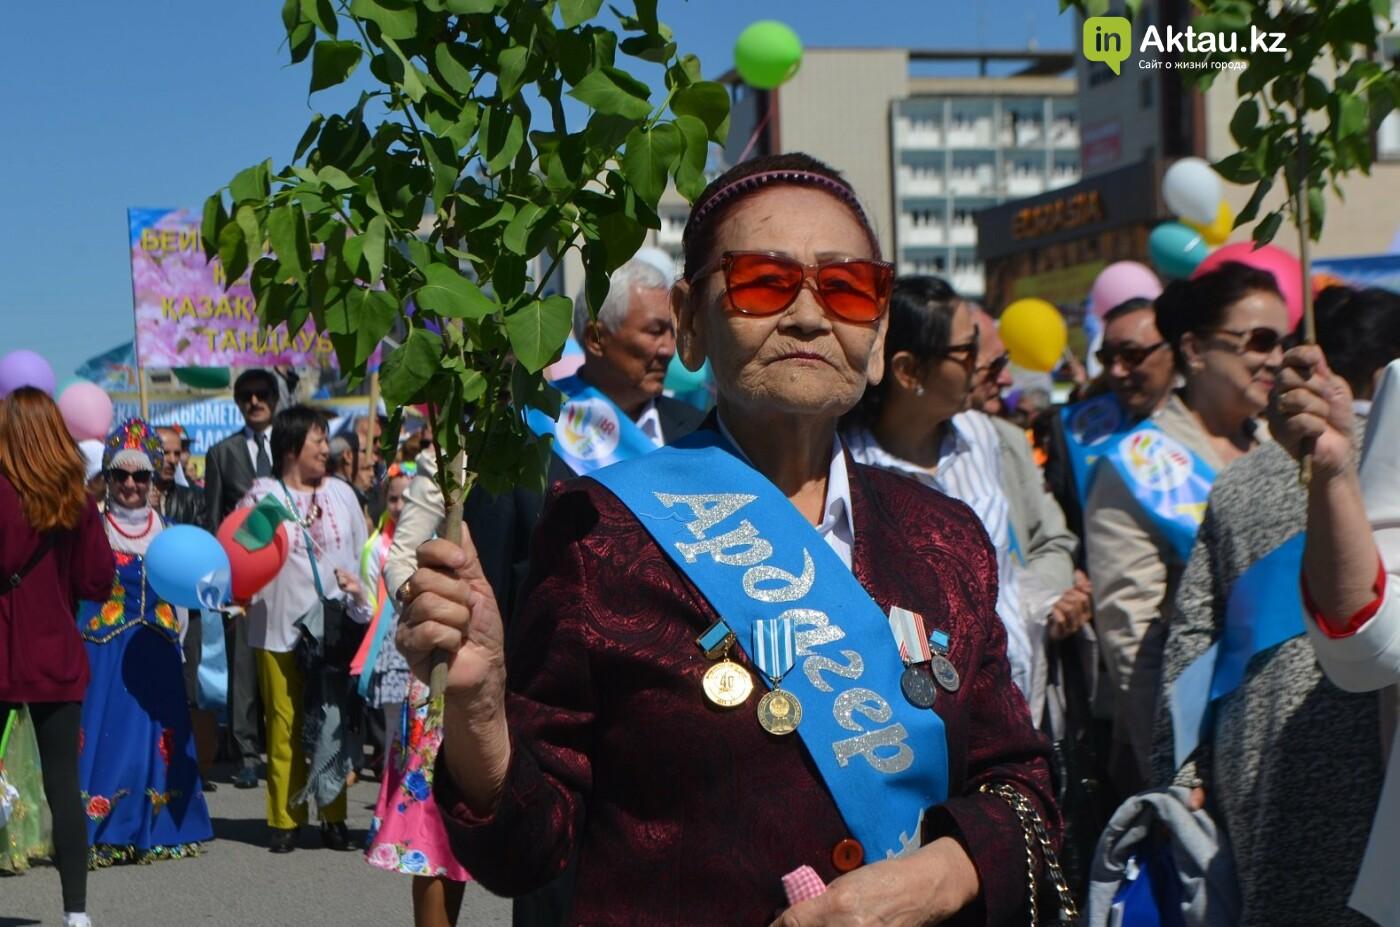 Как в Актау отметили День единства народов (ФОТО), фото-17